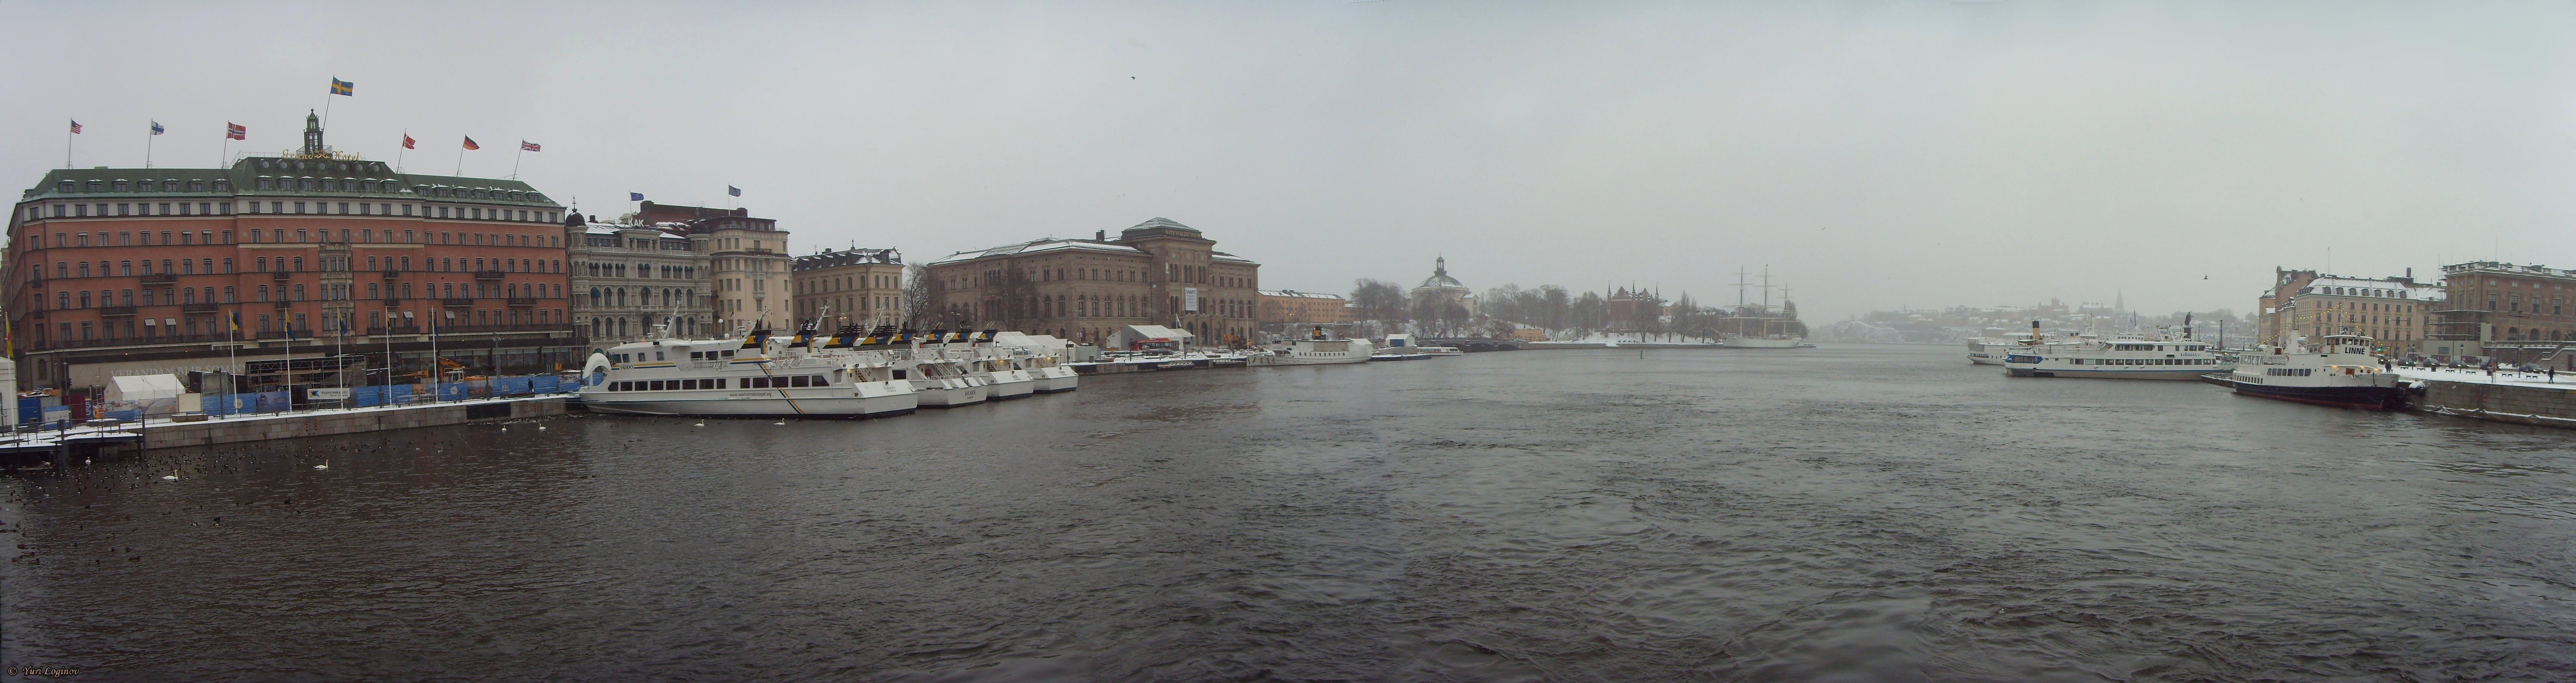 Free stock photo of stockholm, sweden, Sverige, Stockholm Palace